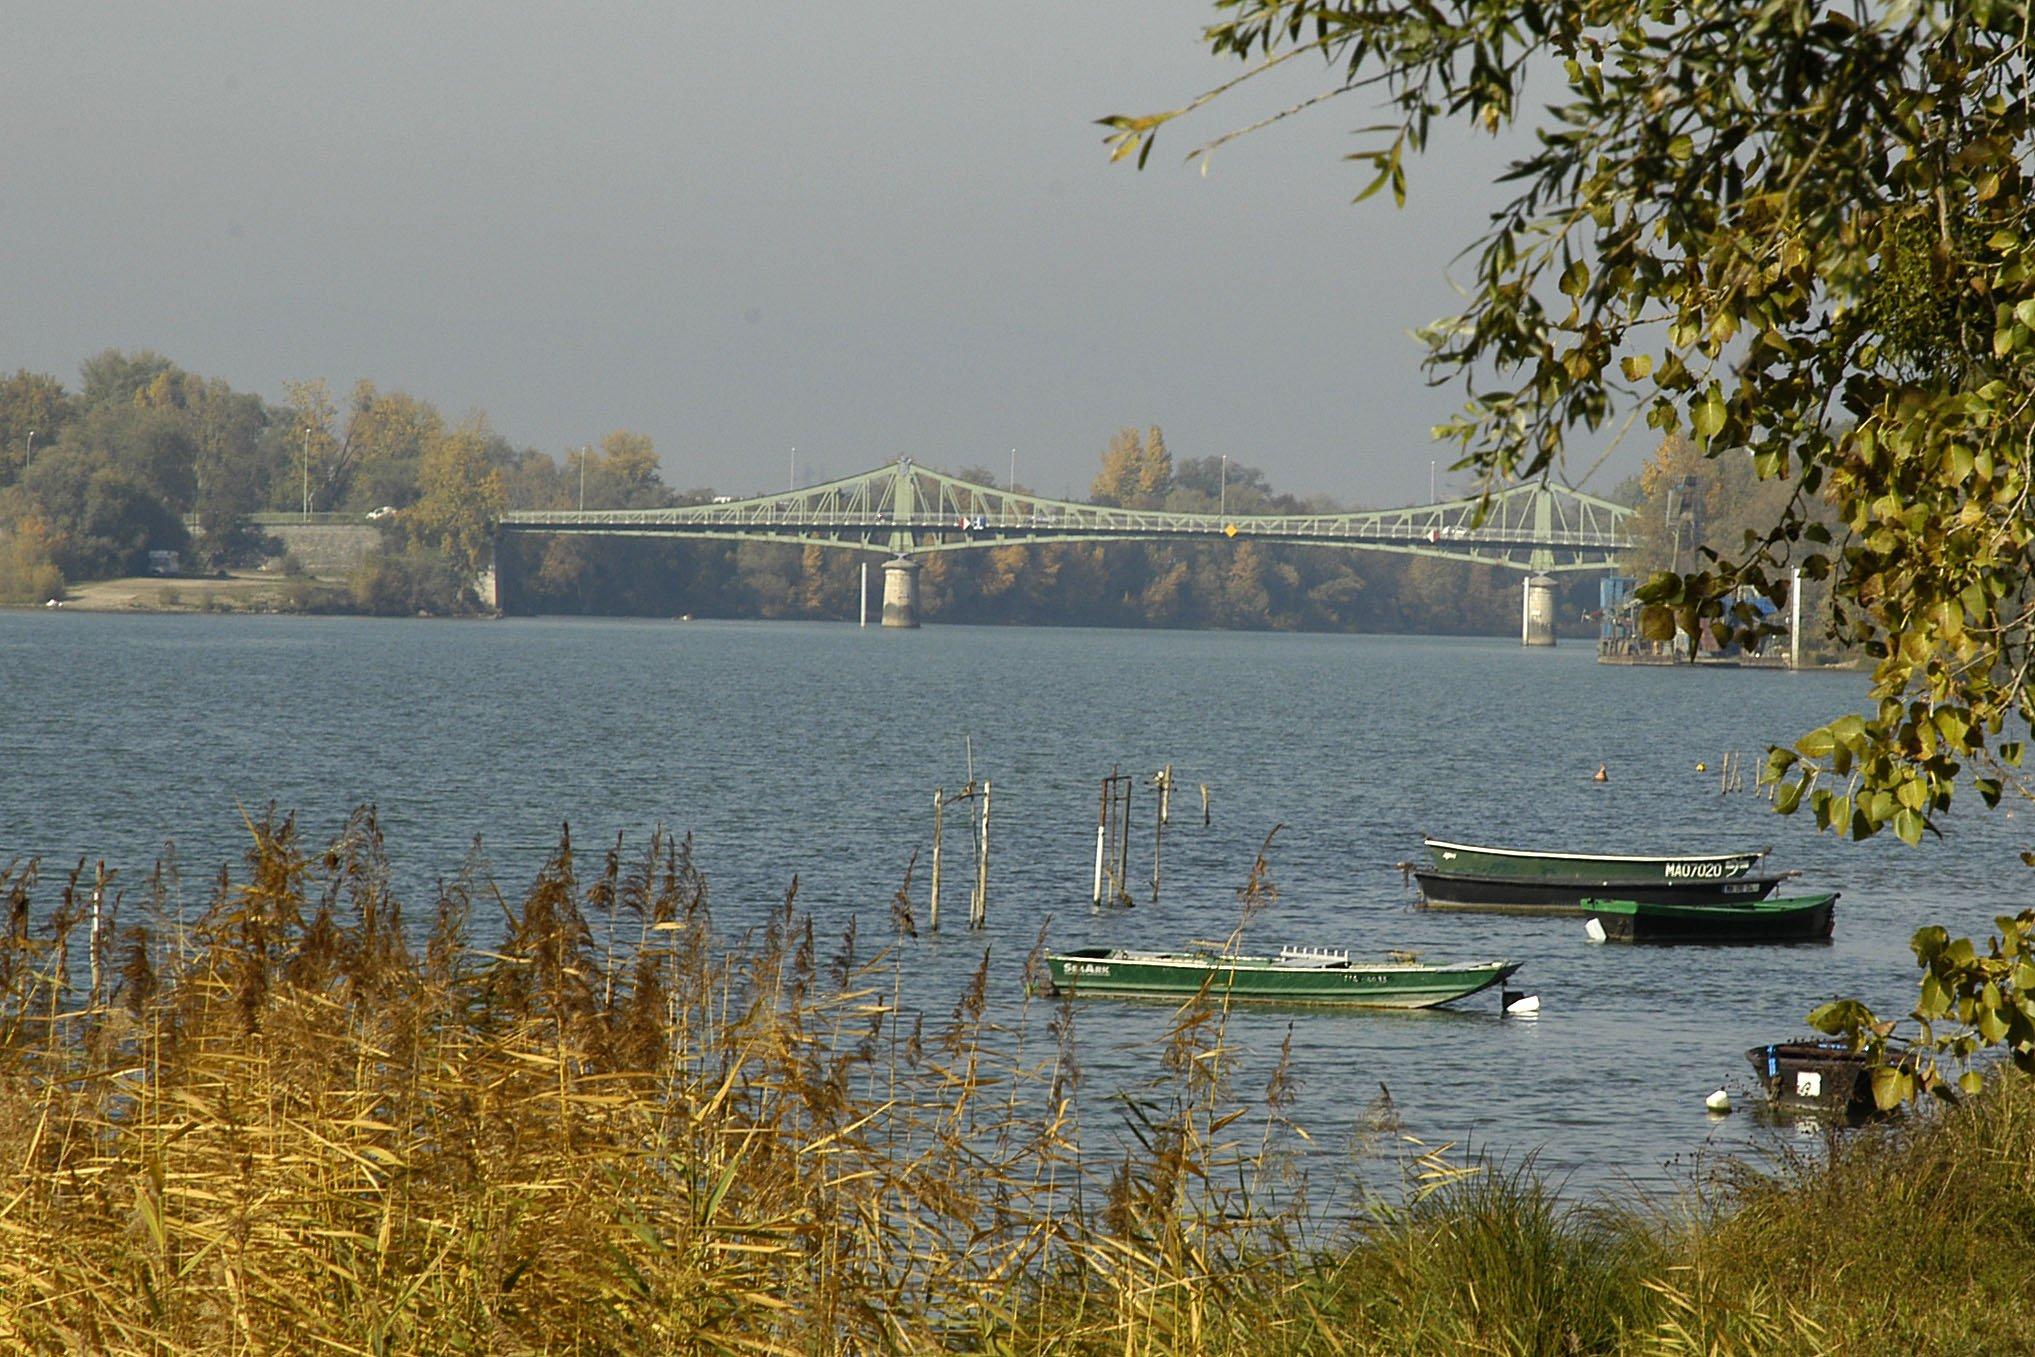 Le pont de Frans